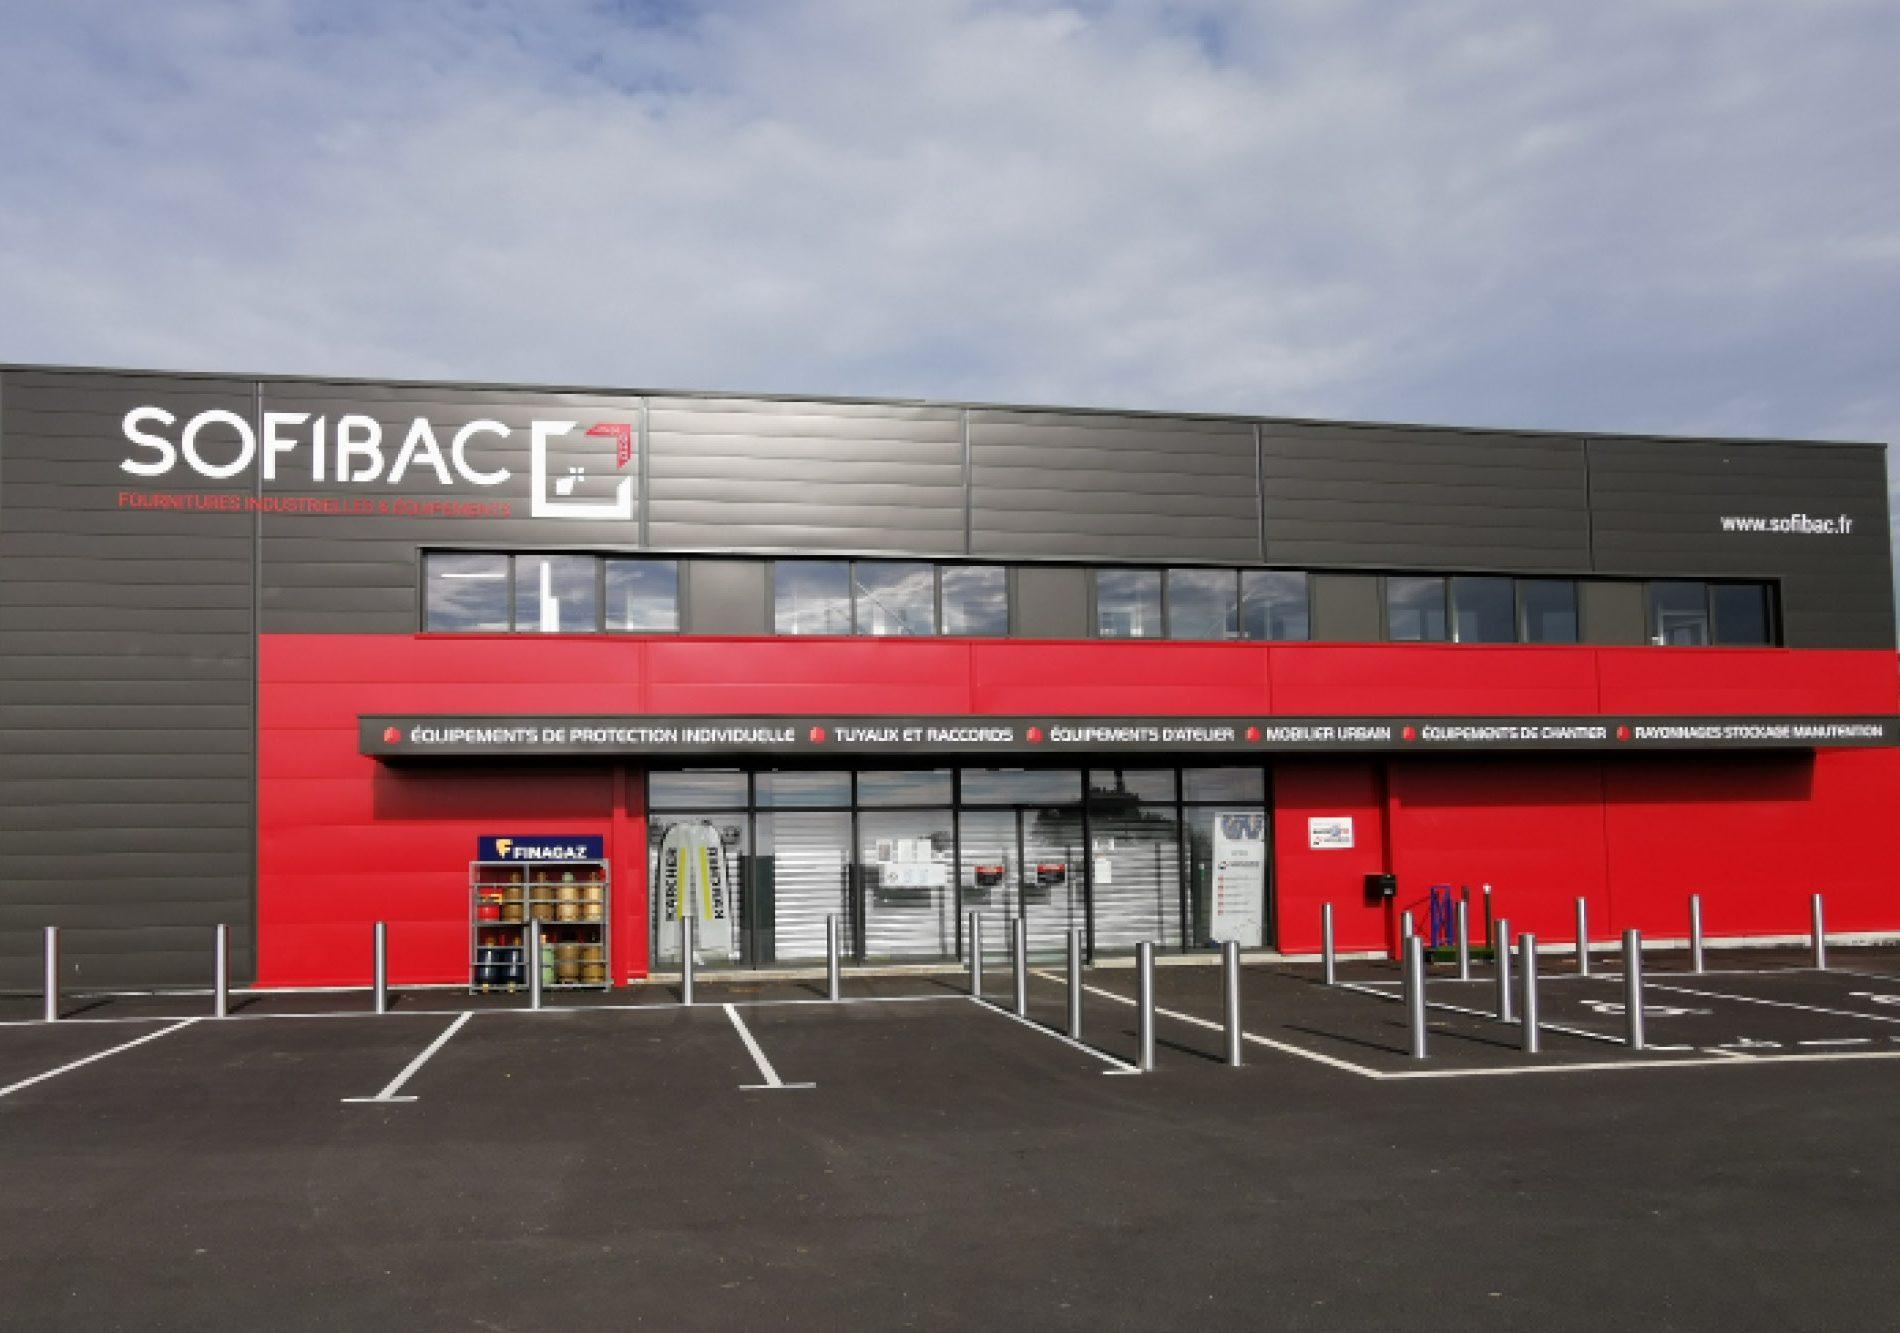 Travaux de bardage double peau de SOFIBAC à Pluguffan, Quimper, Finistère